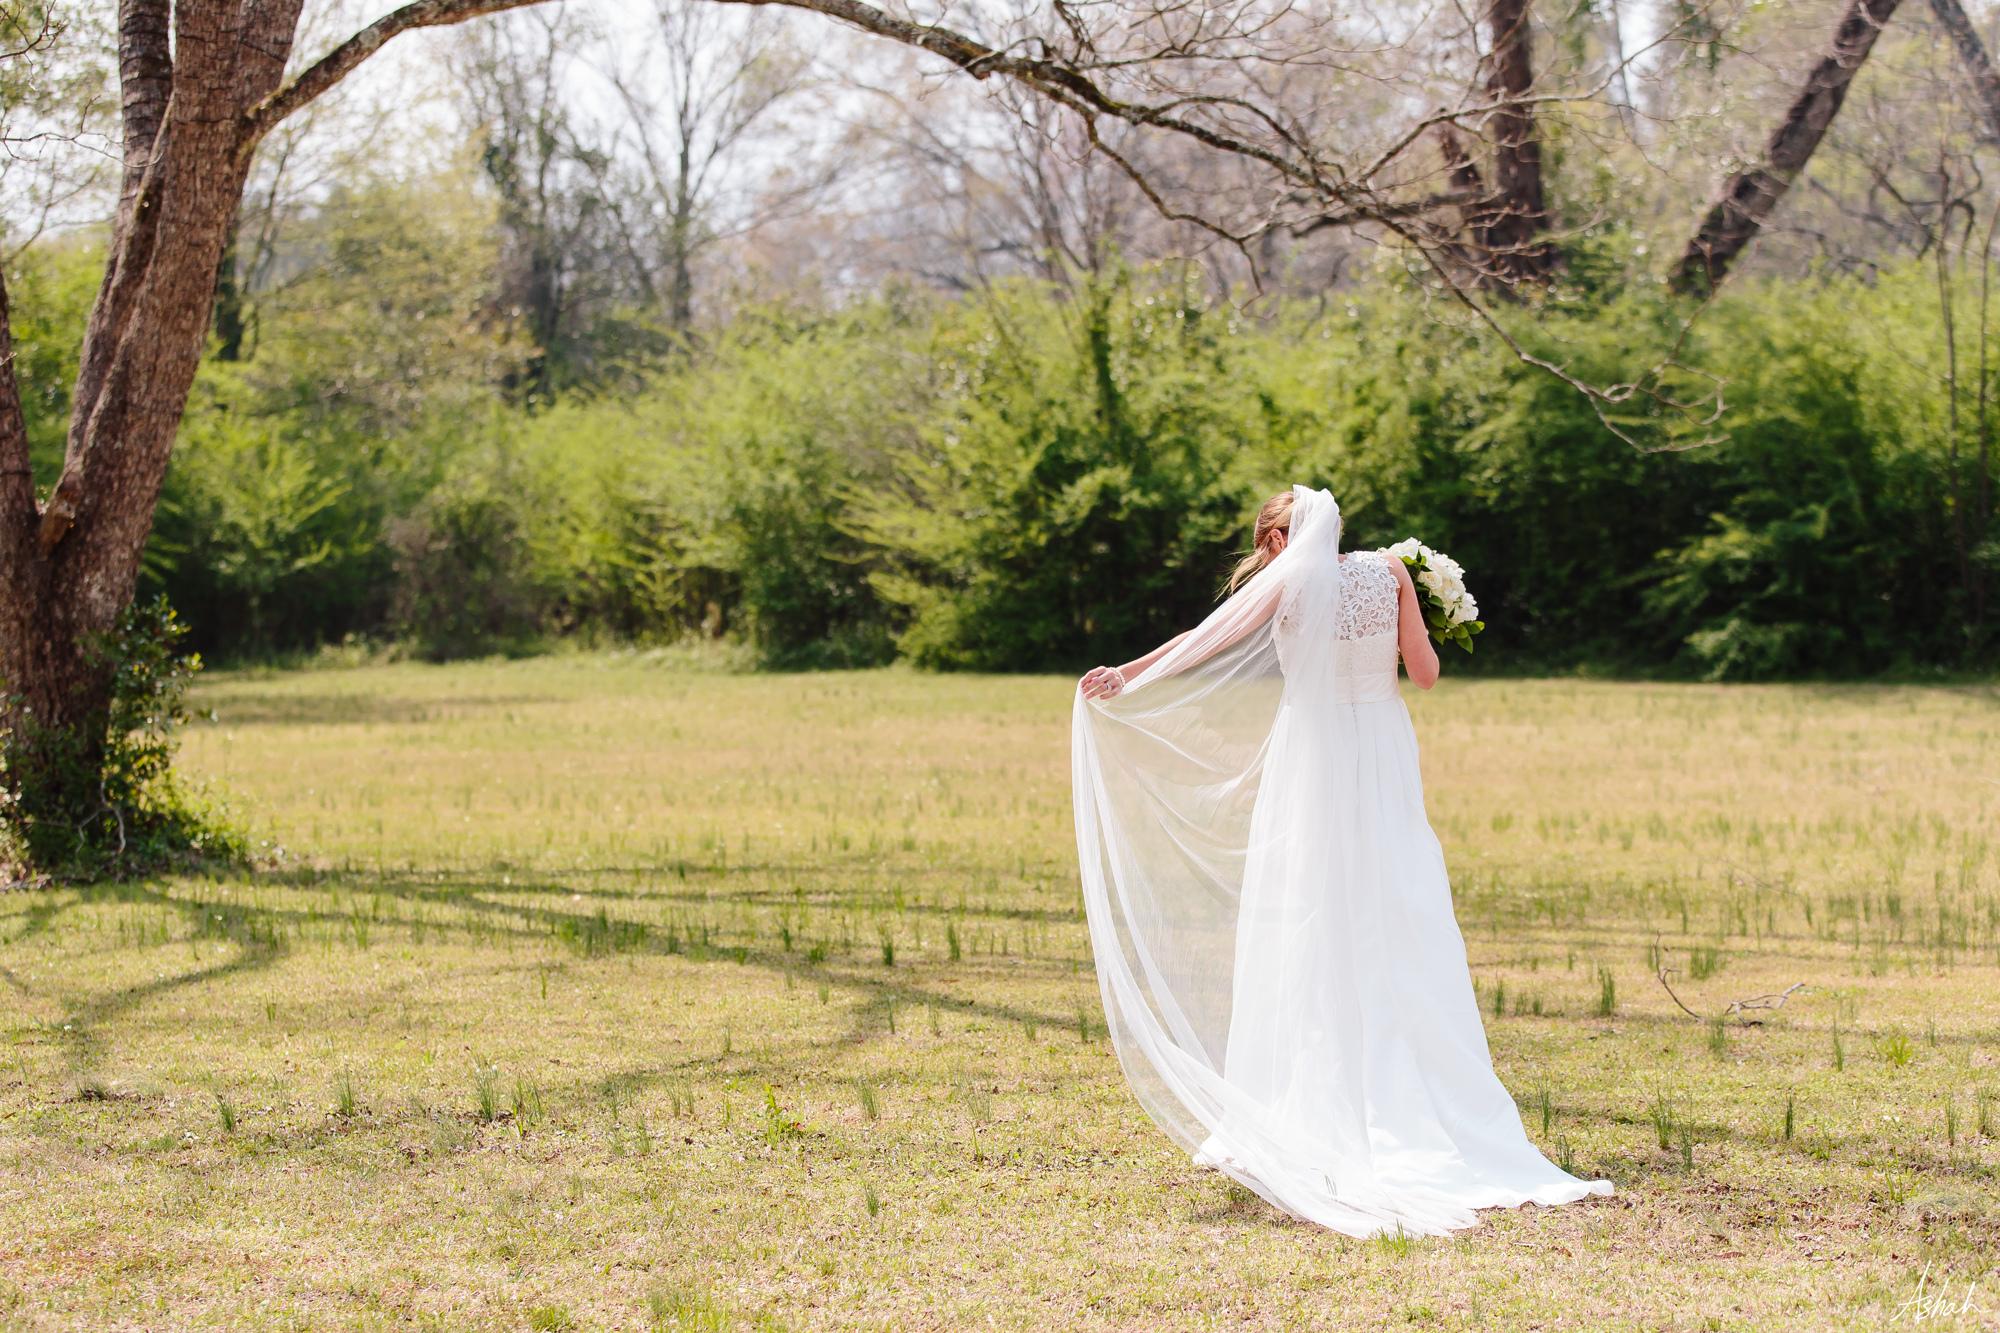 bridegroom029.jpg